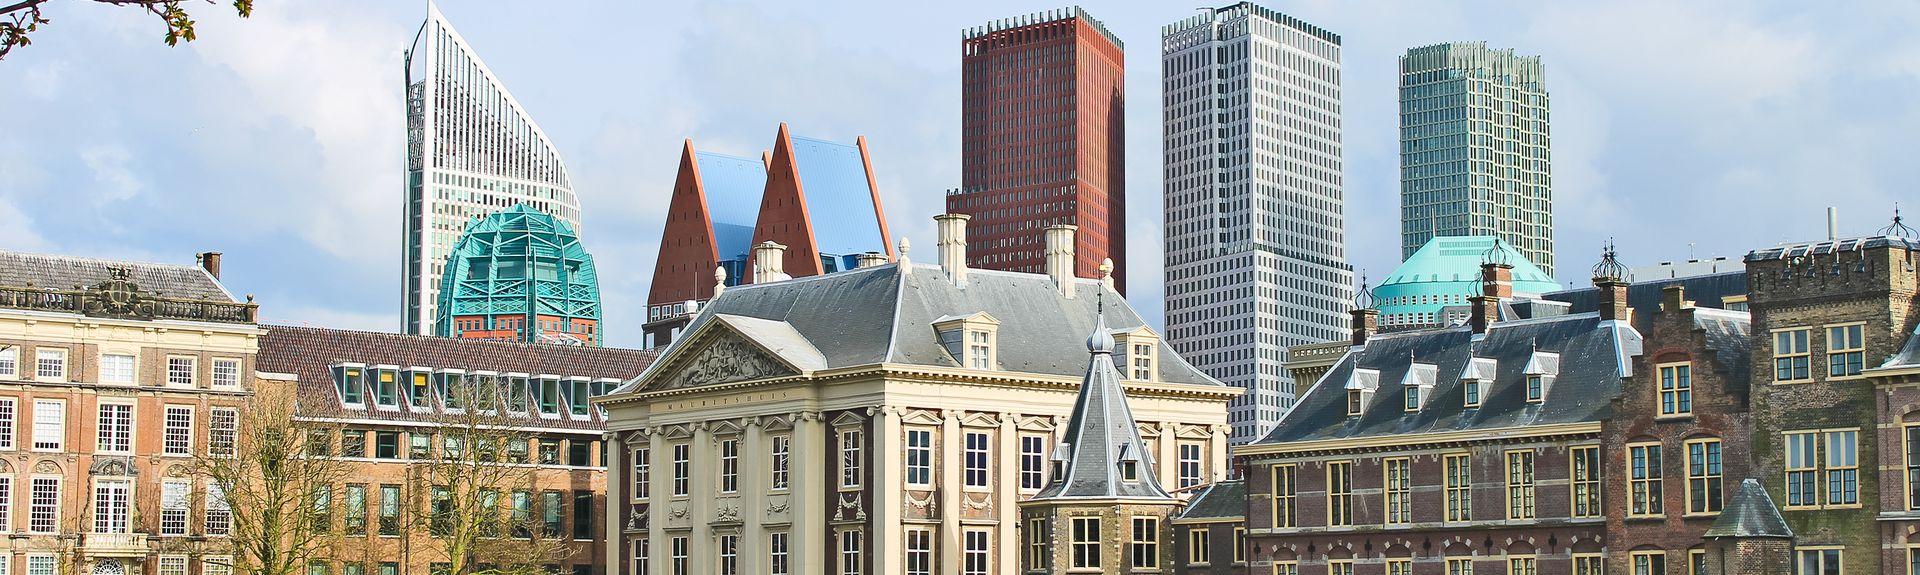 Haag, South Holland, Nederland